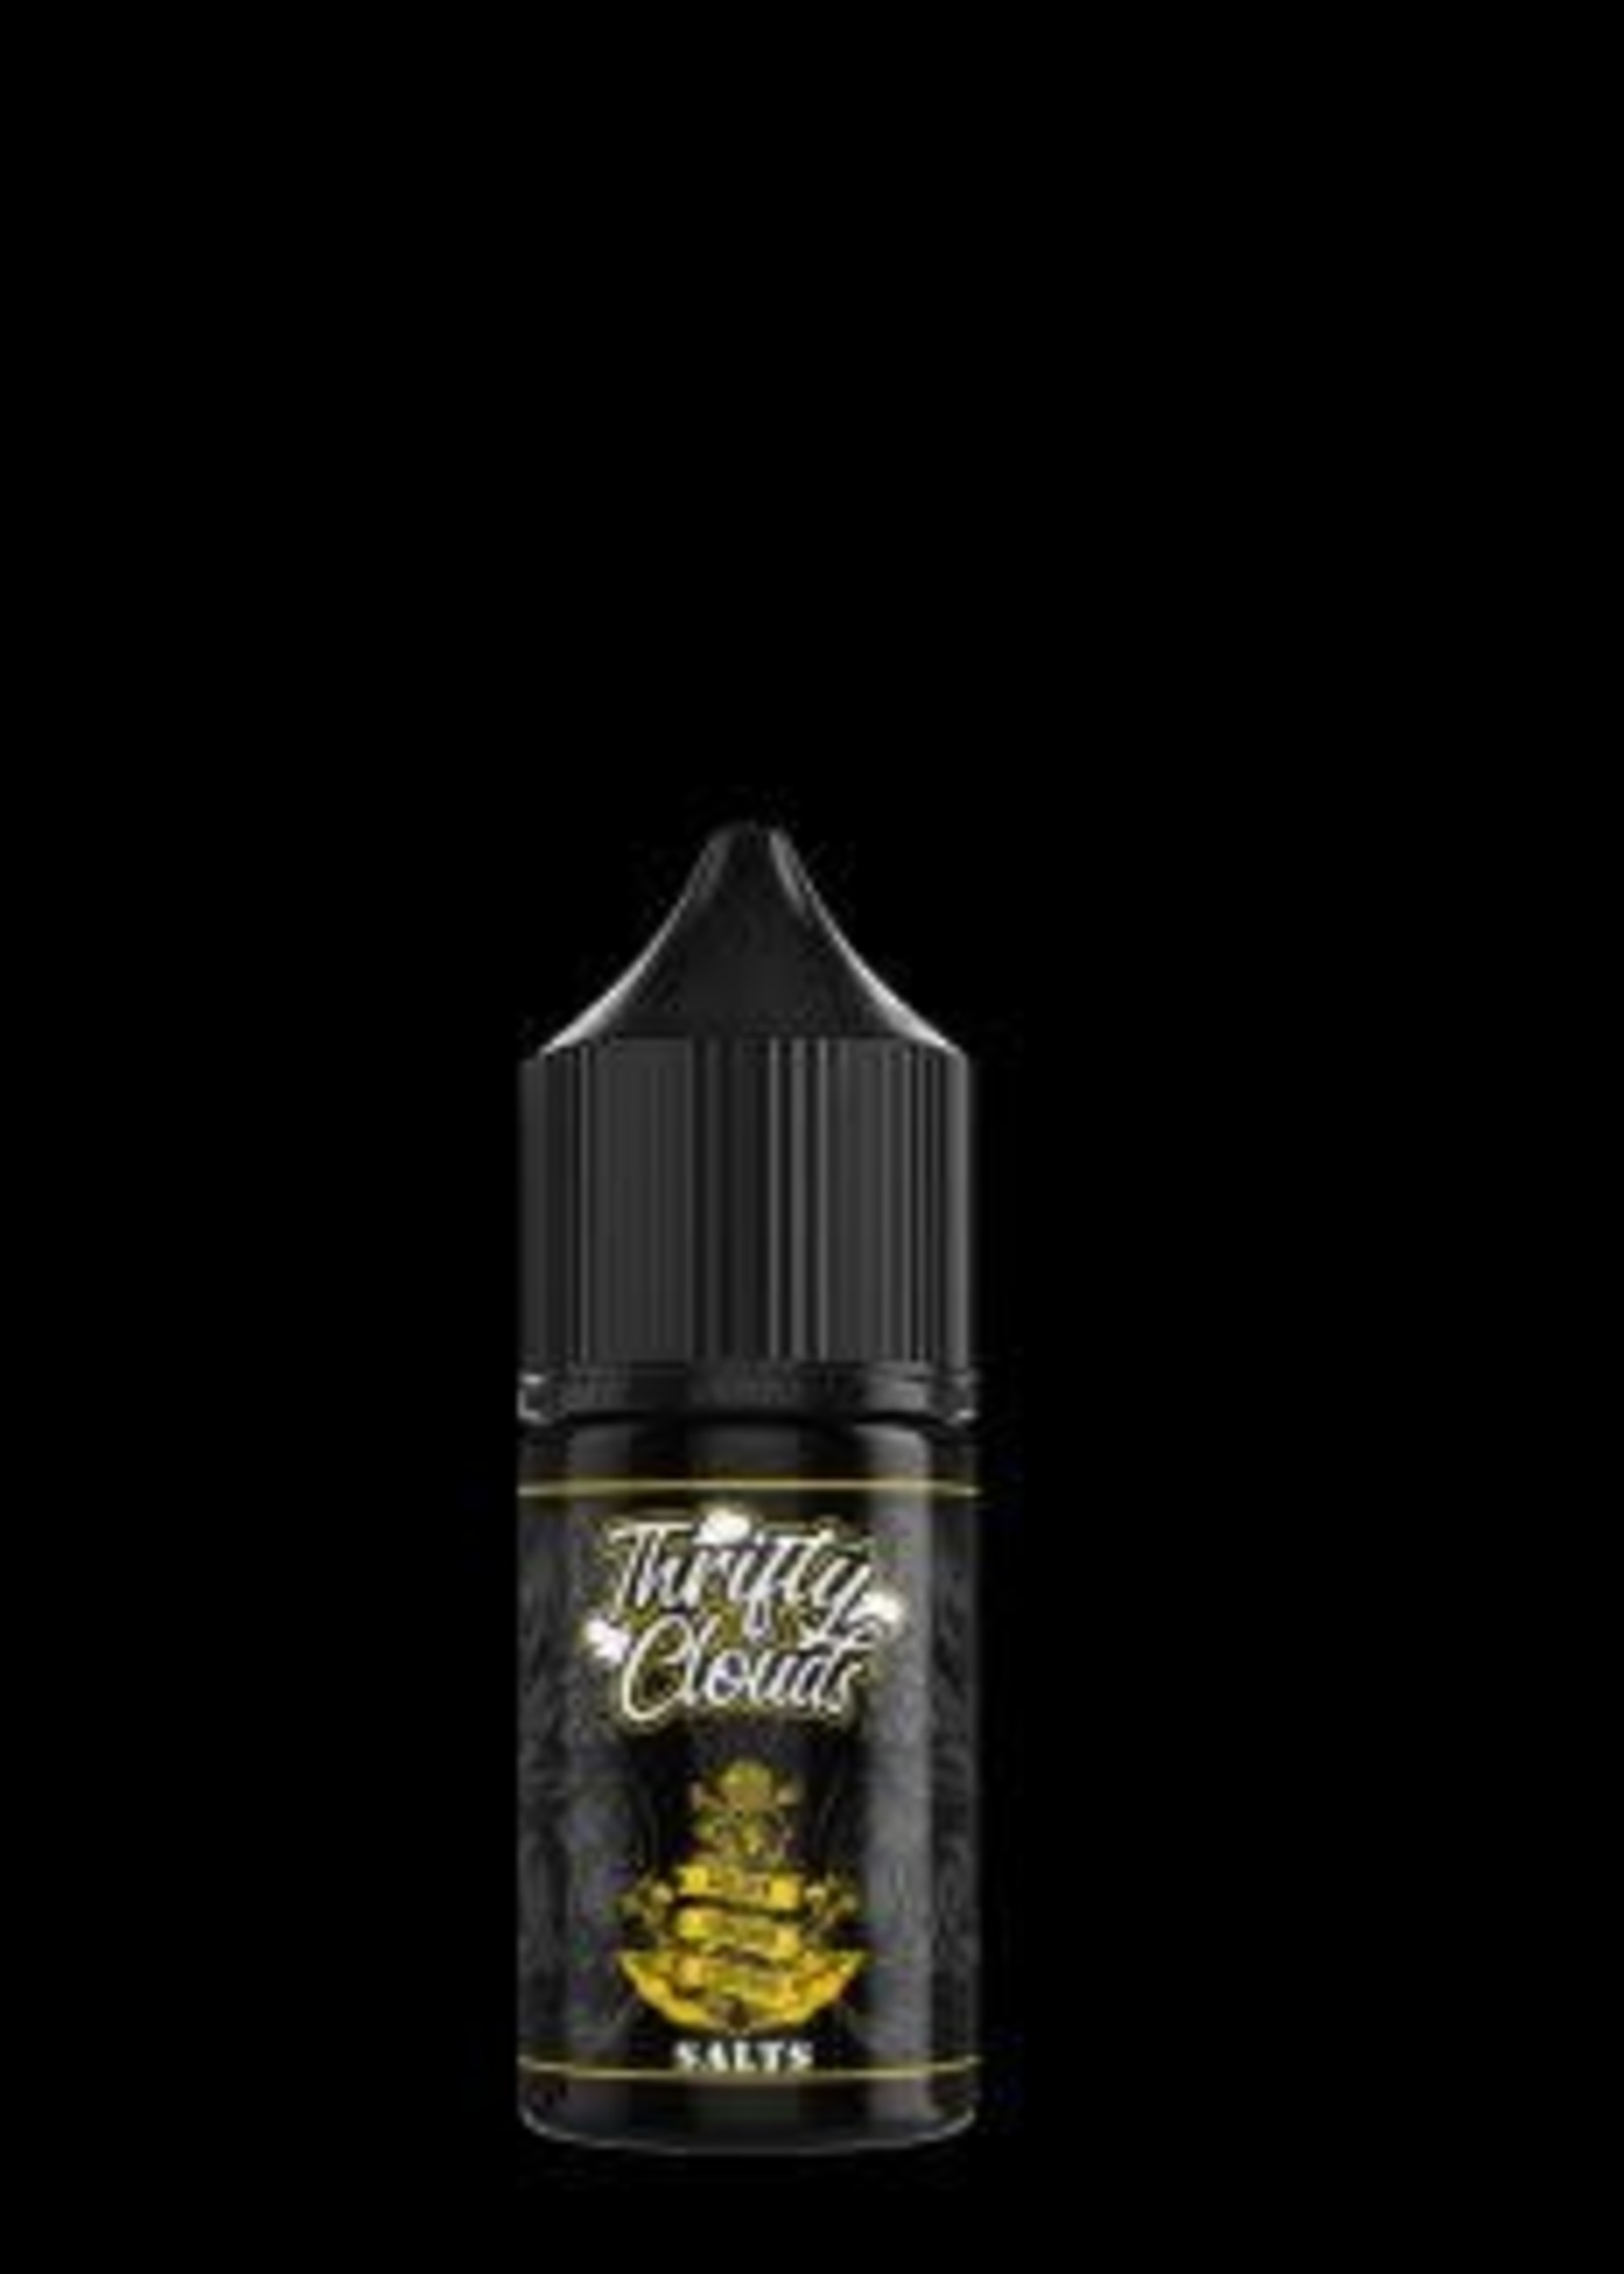 Thrifty clouds Vape flavour - Golden virginia custard salts 30ml- 20mg